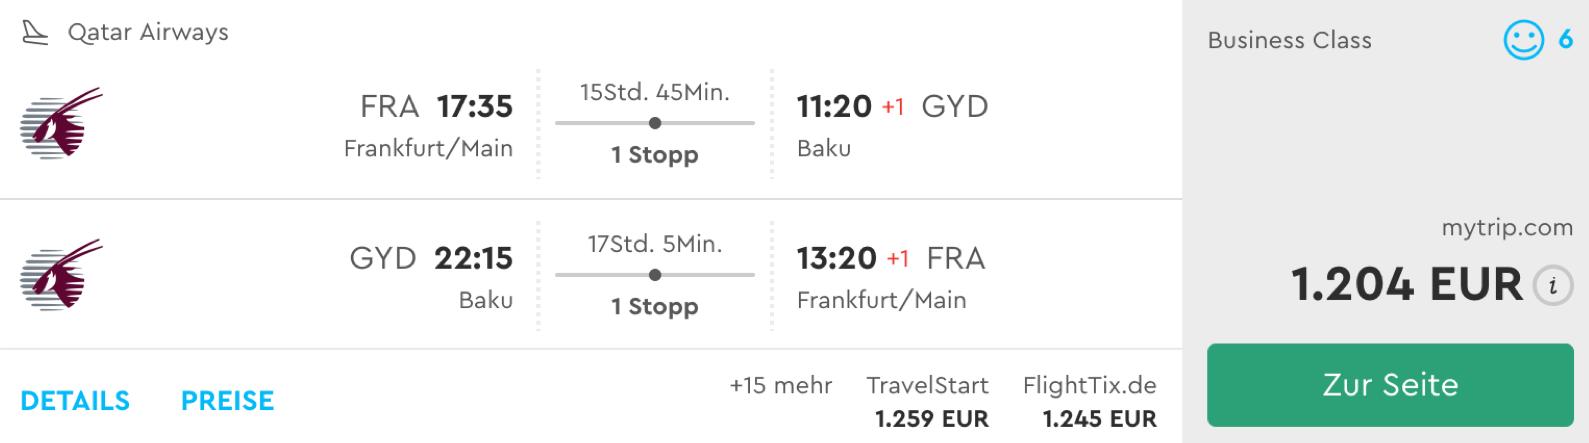 Qatar Airways QSuite günstig fliegen